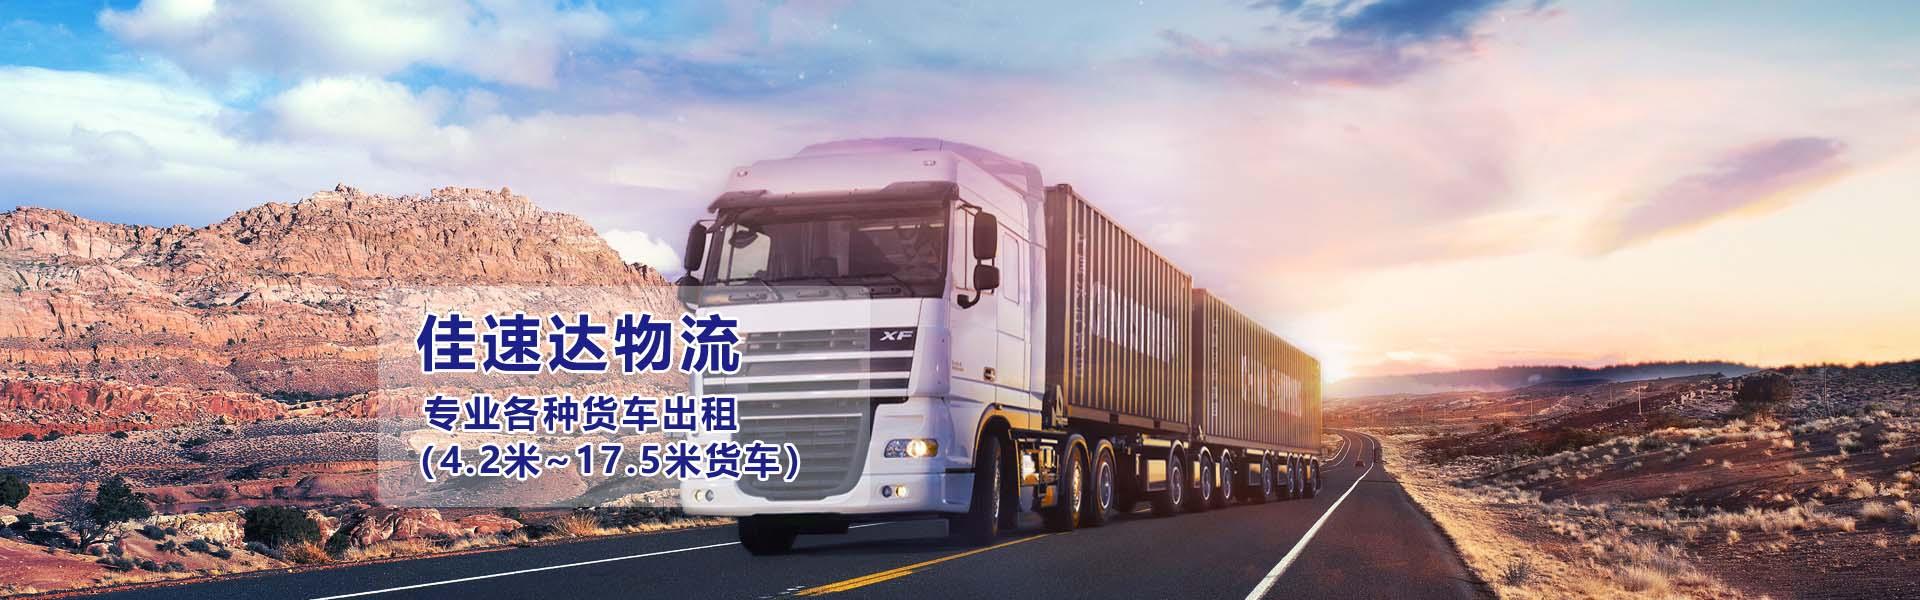 广州天河到江苏苏州9米6高栏车包车运输